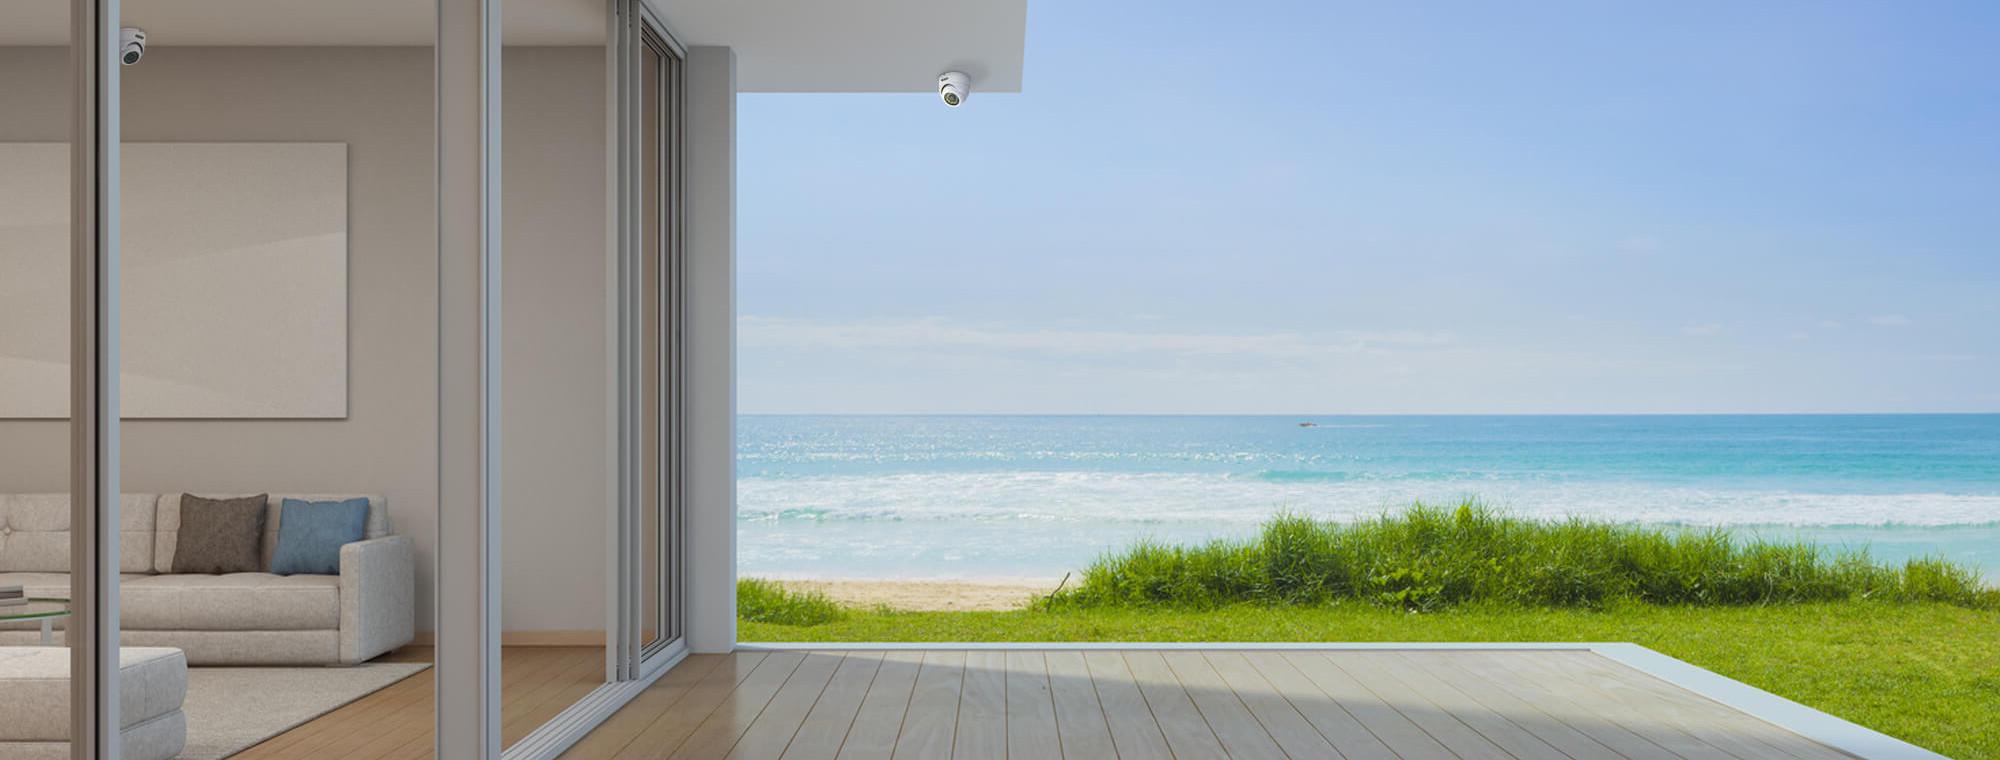 casa-praia-quintal-decoracao-decor-cores-organizacao-maresia-madeira-porcelanato-sofa-sala-estar-janela-mar